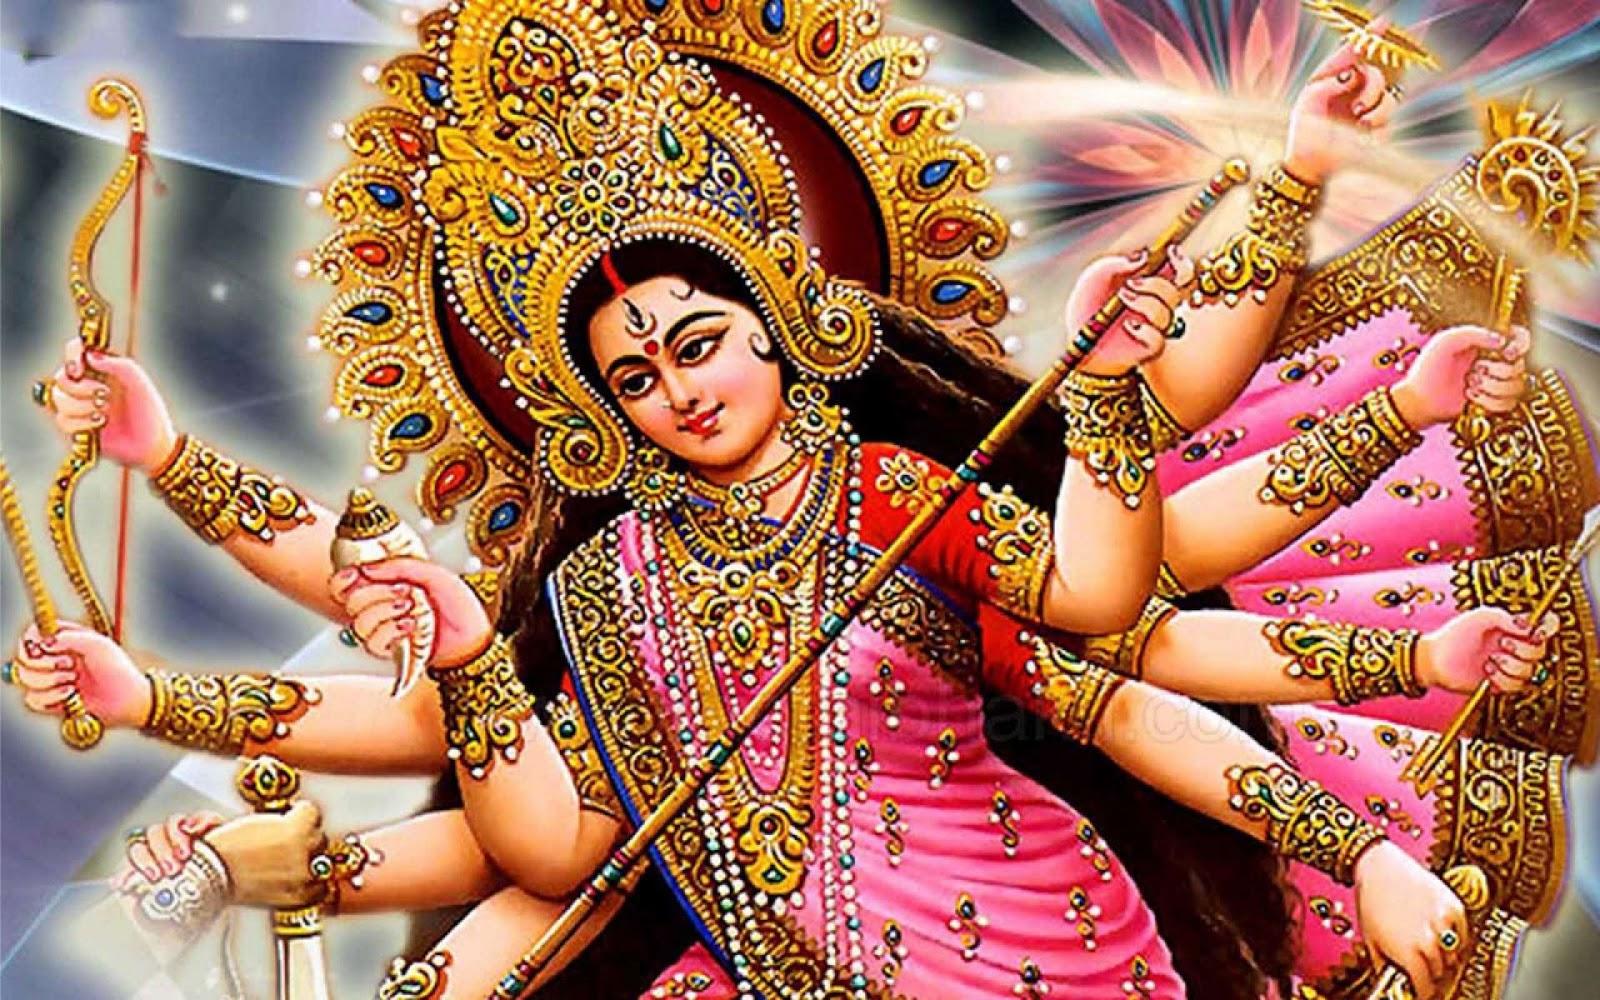 Maa Durga Image 2018,Maa Durga Image 2019